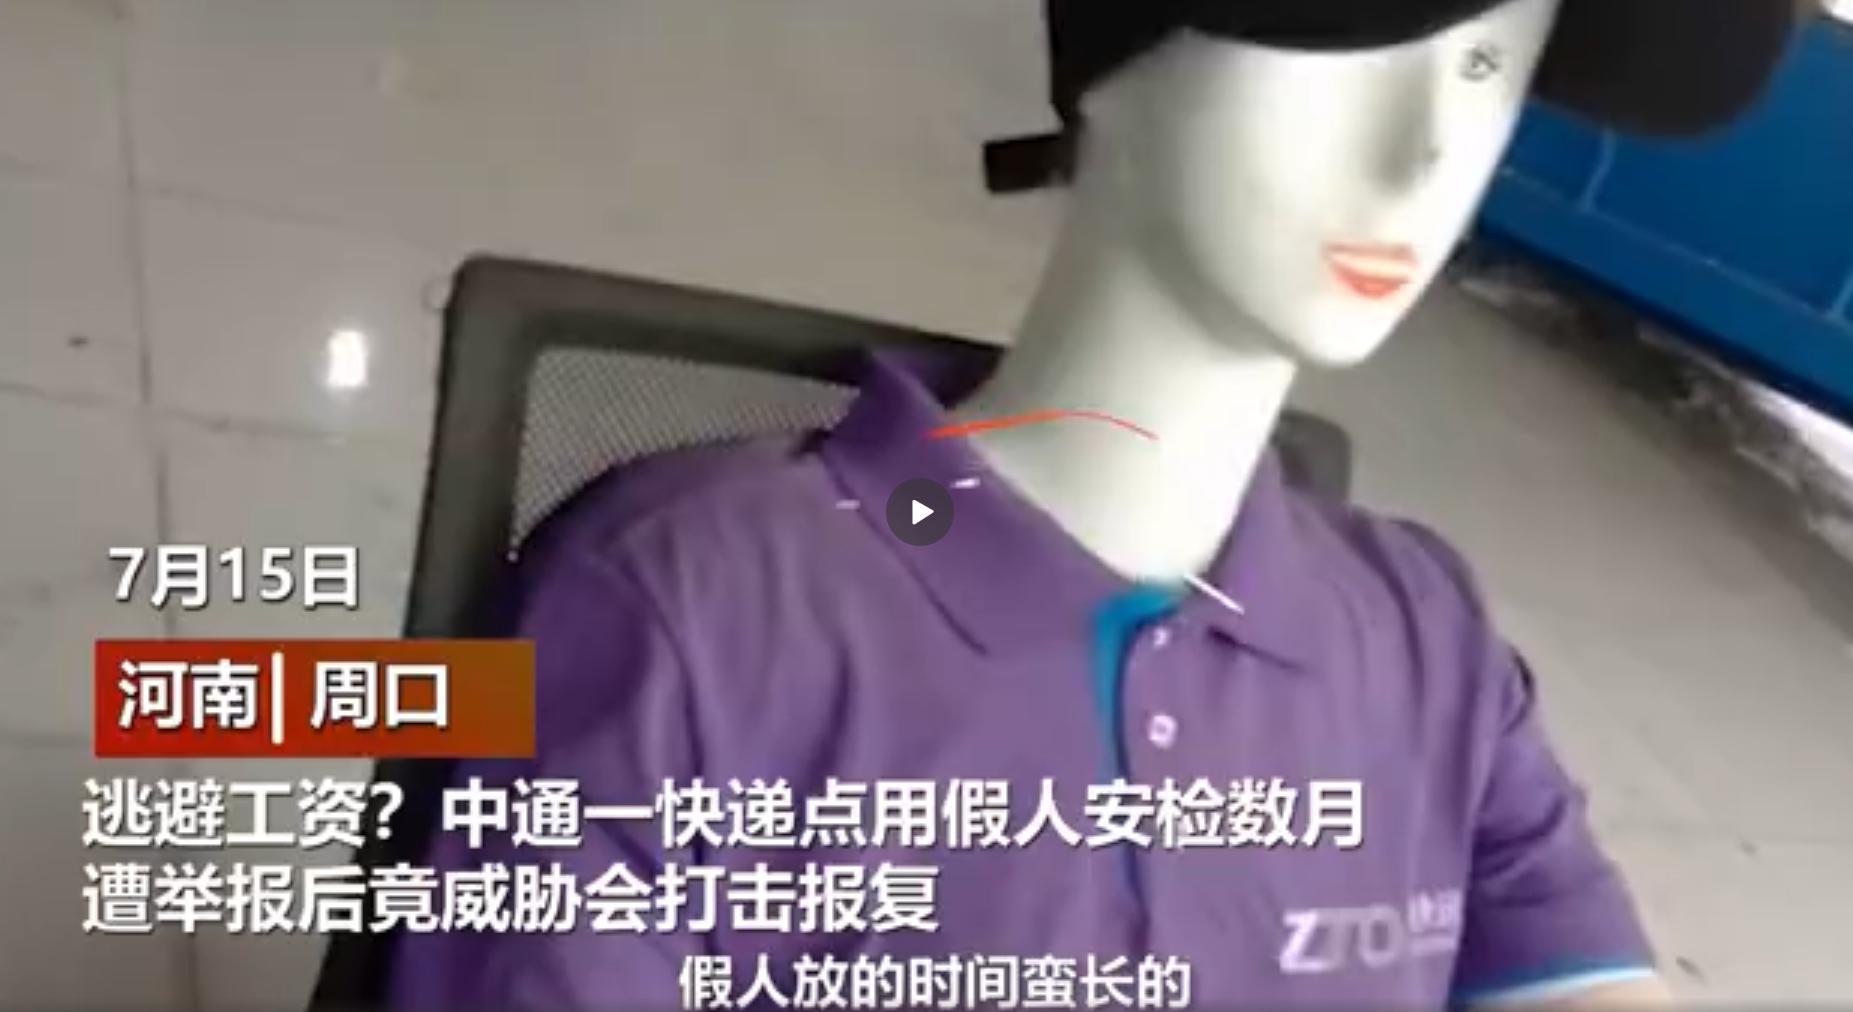 五一假期可不可以小范围旅游?中国疾控中心回应